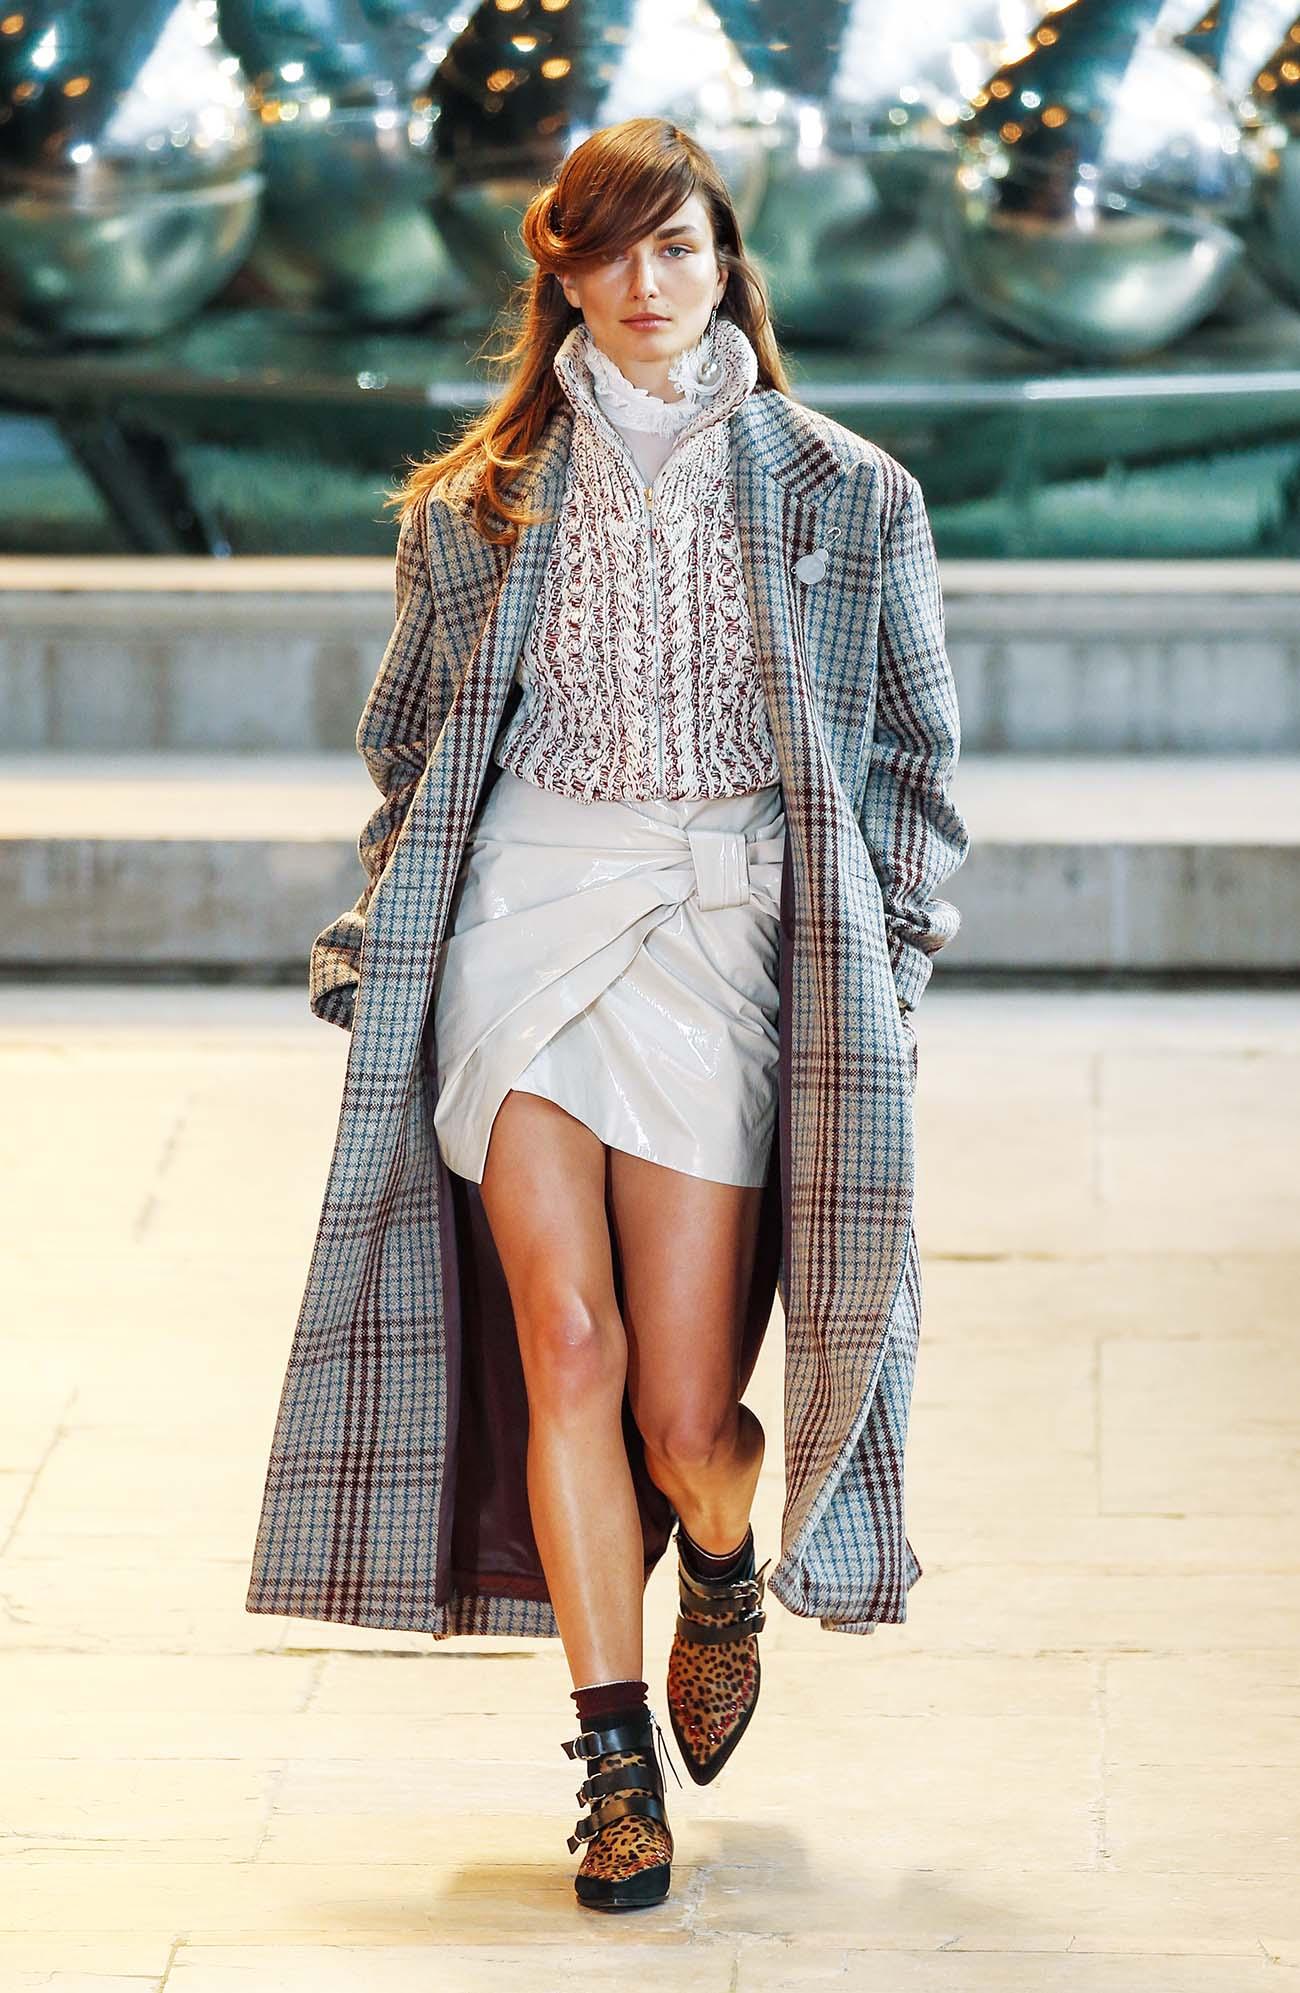 이번 시즌 체크 코트를 대하는 방법! 1980년대 풍으로 쿨하게 드레스다운하라.